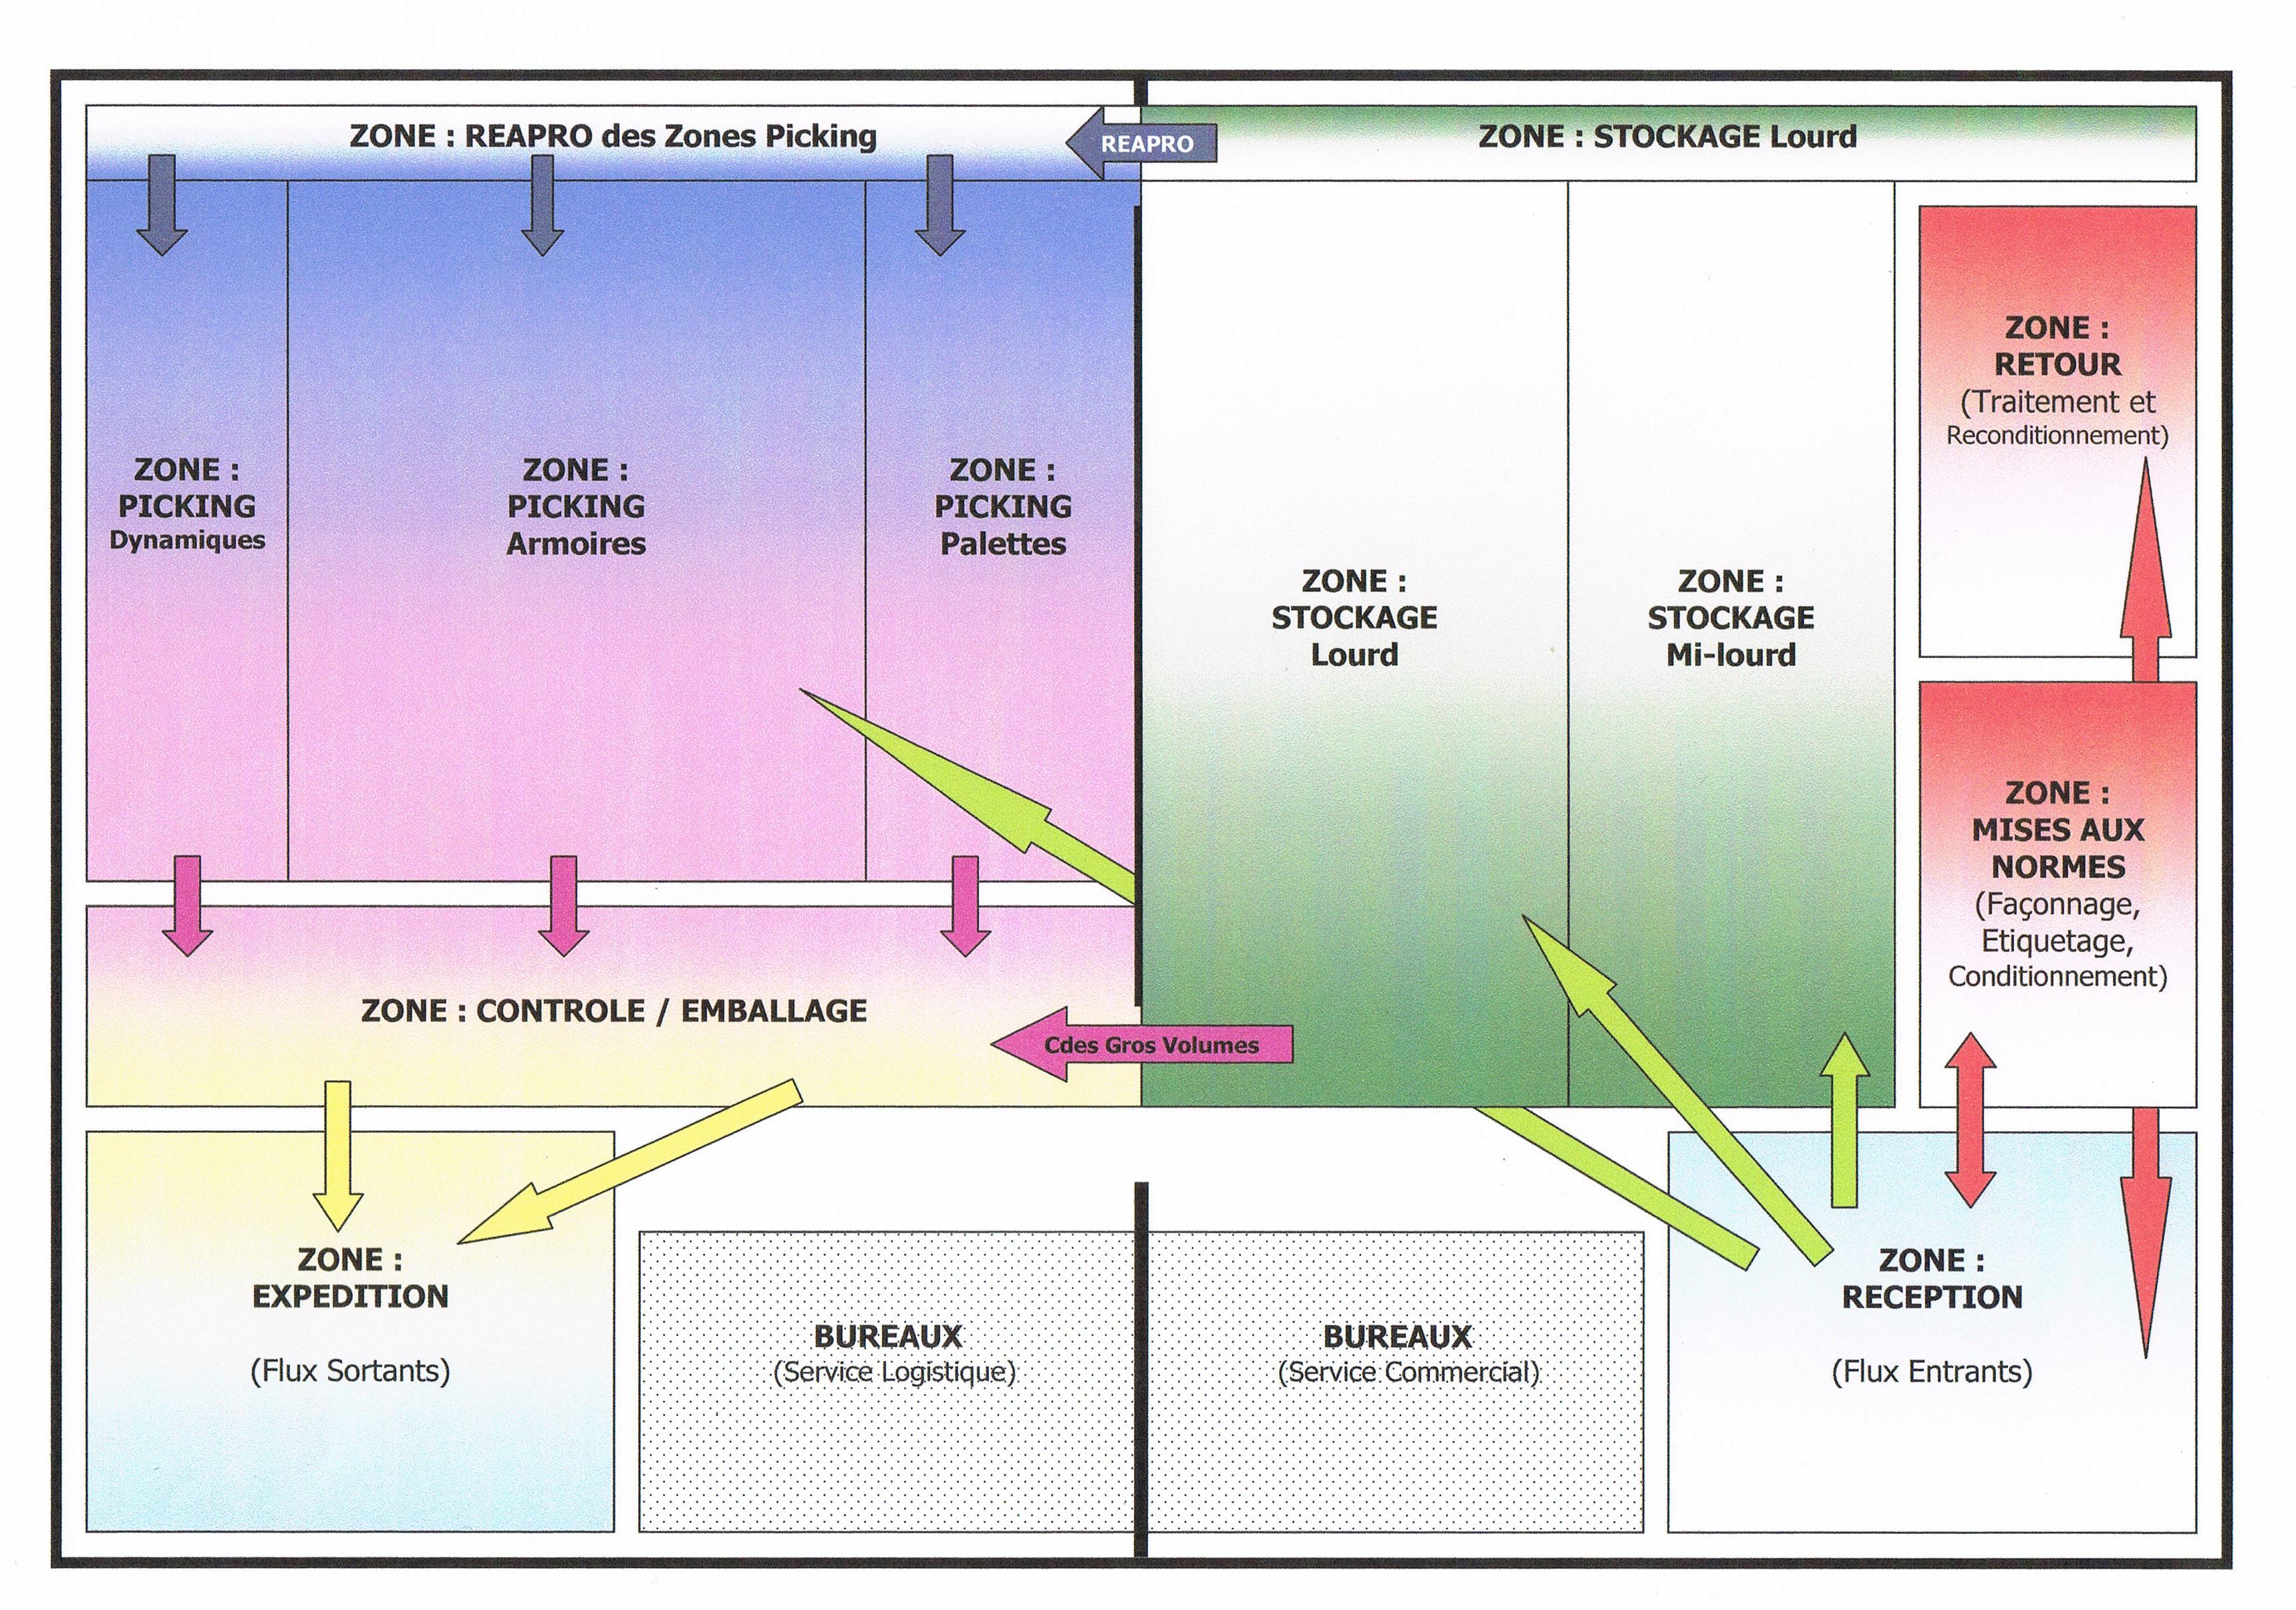 Signalétique : le zonage défini de l'entrepôt